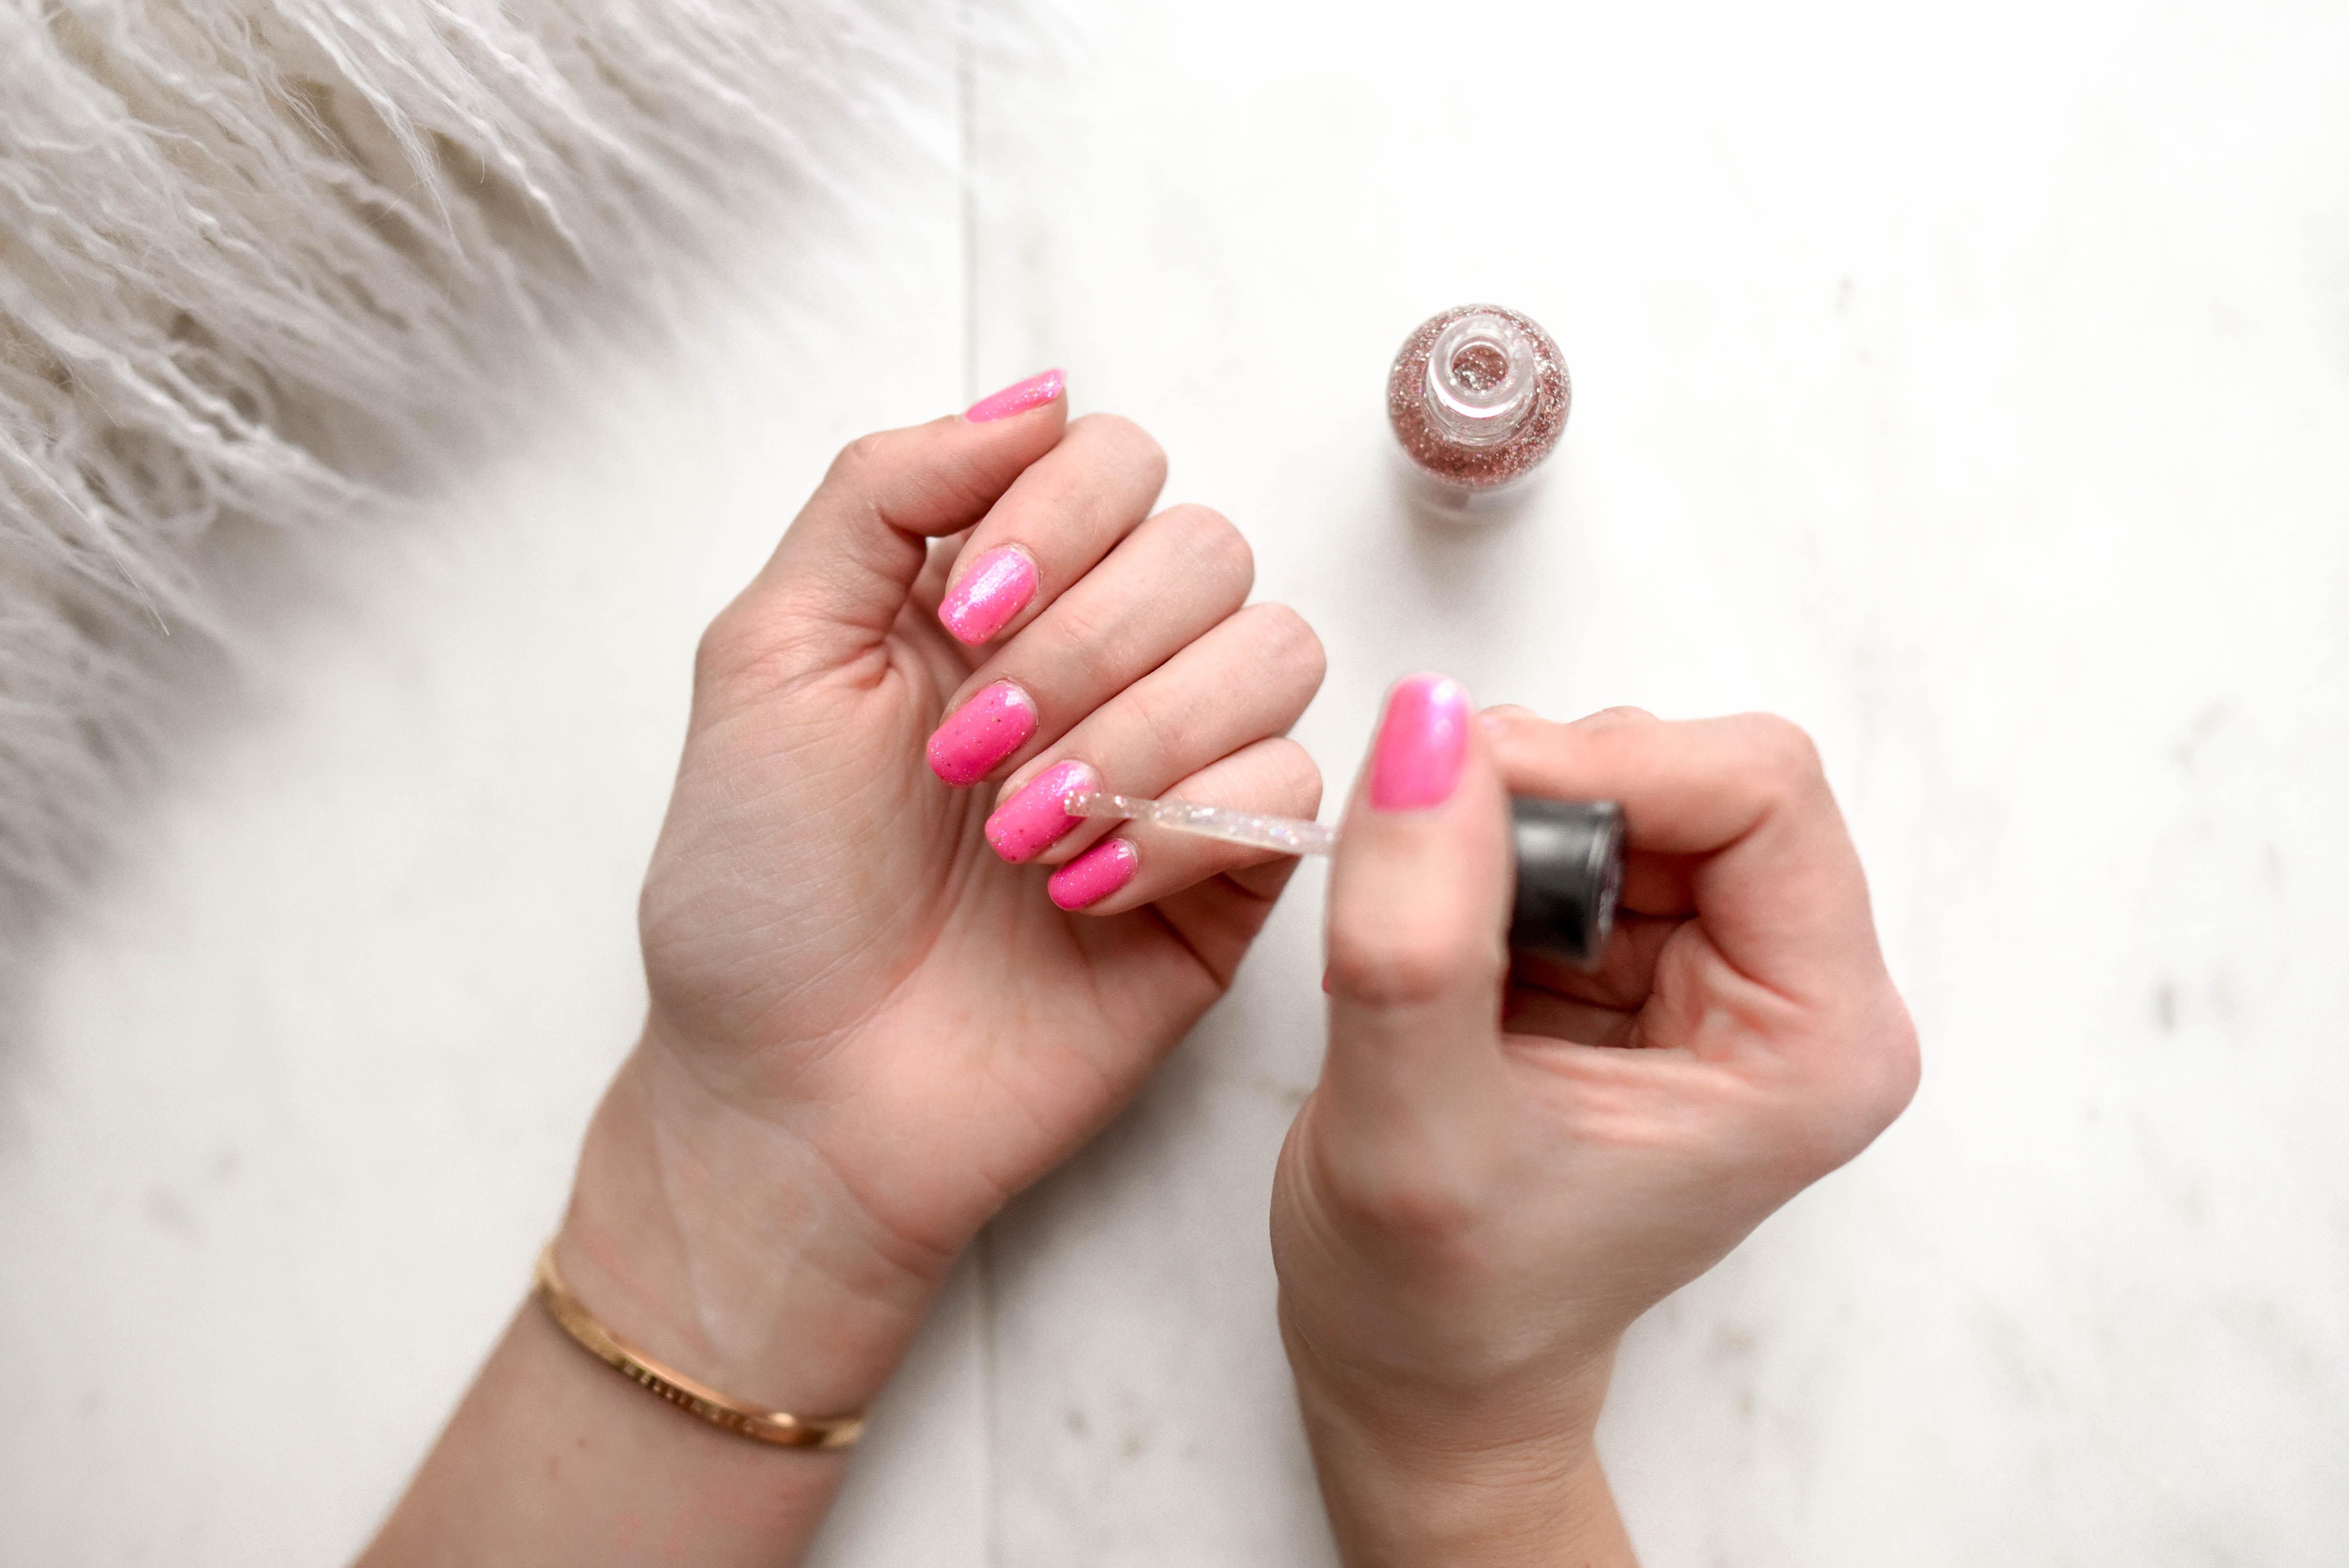 negle, nail, nails, neglelak, velplejede